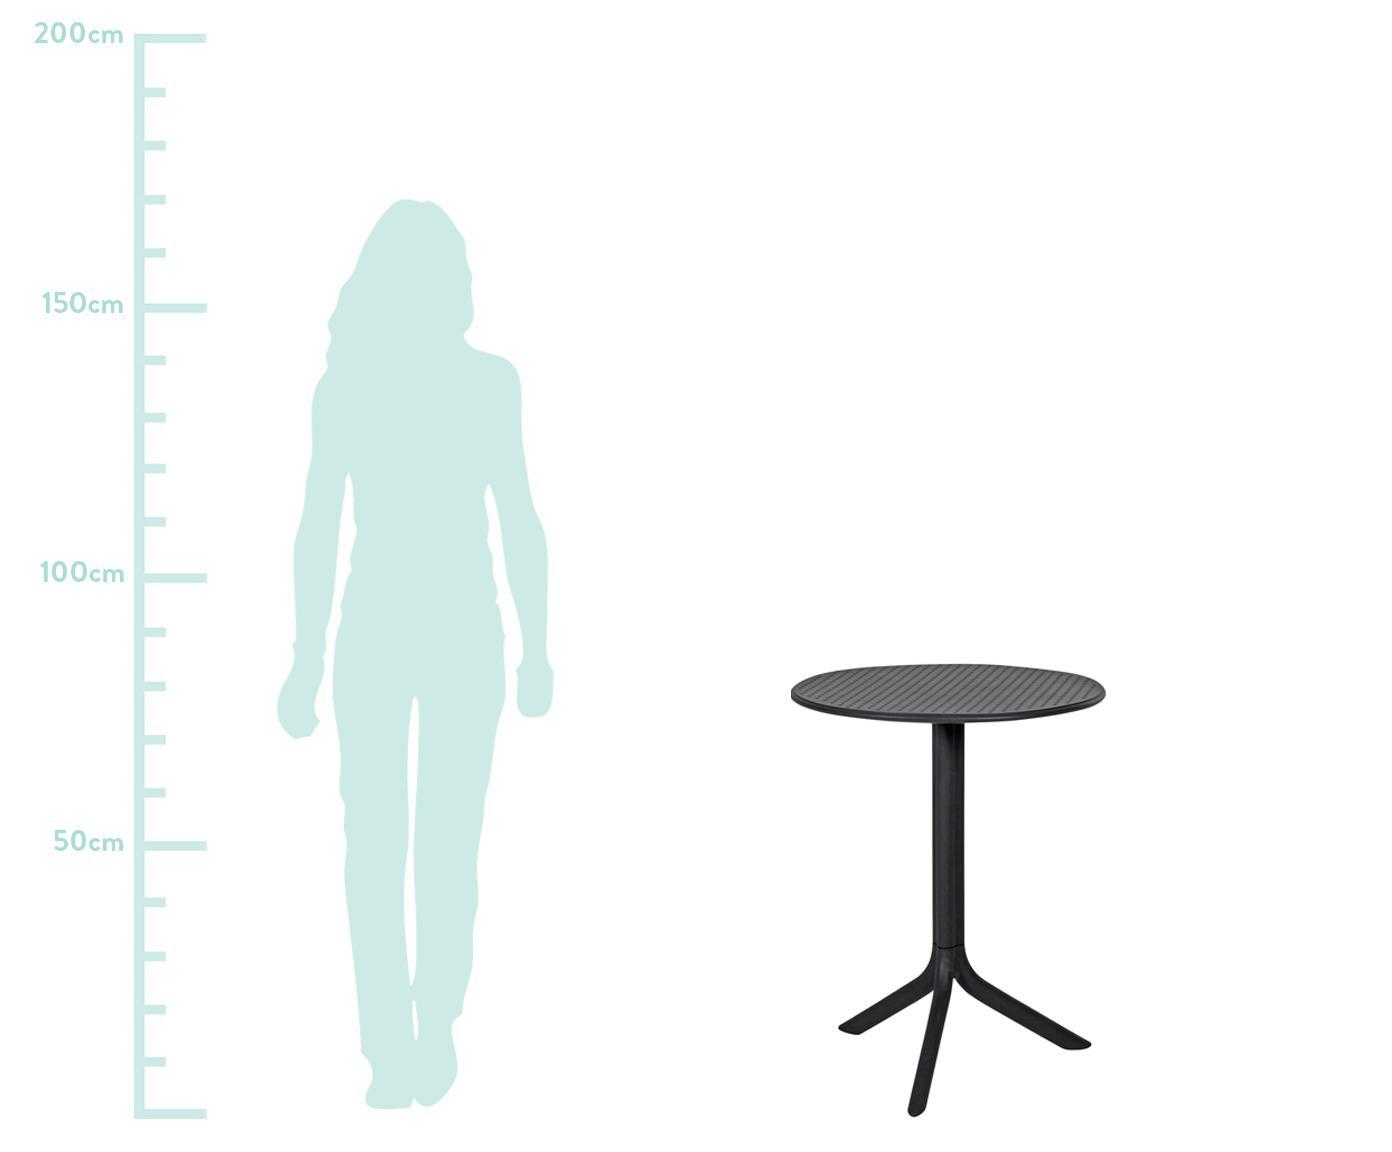 Okrągły stolik balkonowy z regulacją wysokości Step, Tworzywo sztuczne wzmocnione włóknem szklanym, Antracytowy, matowy, Ø 60 x W 75 cm